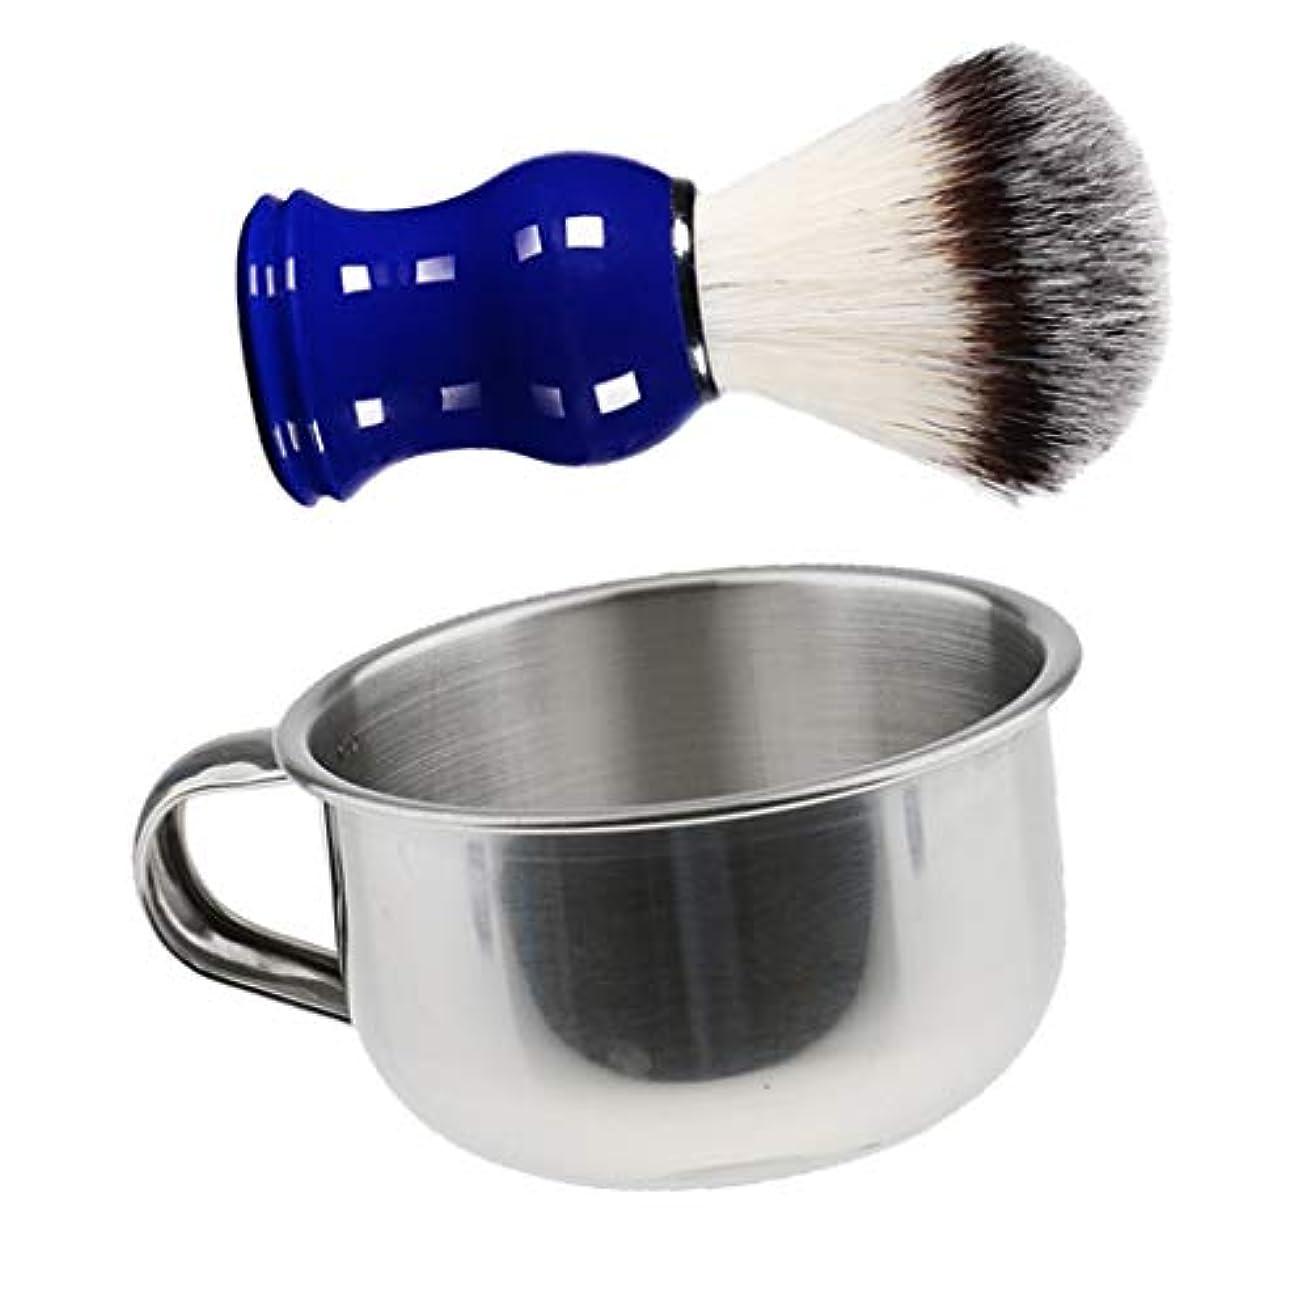 あらゆる種類の無関心合わせてメンズ シェービング マグ ボウル カップ ステンレス製 シェービング用ブラシ 理容 洗顔 髭剃り